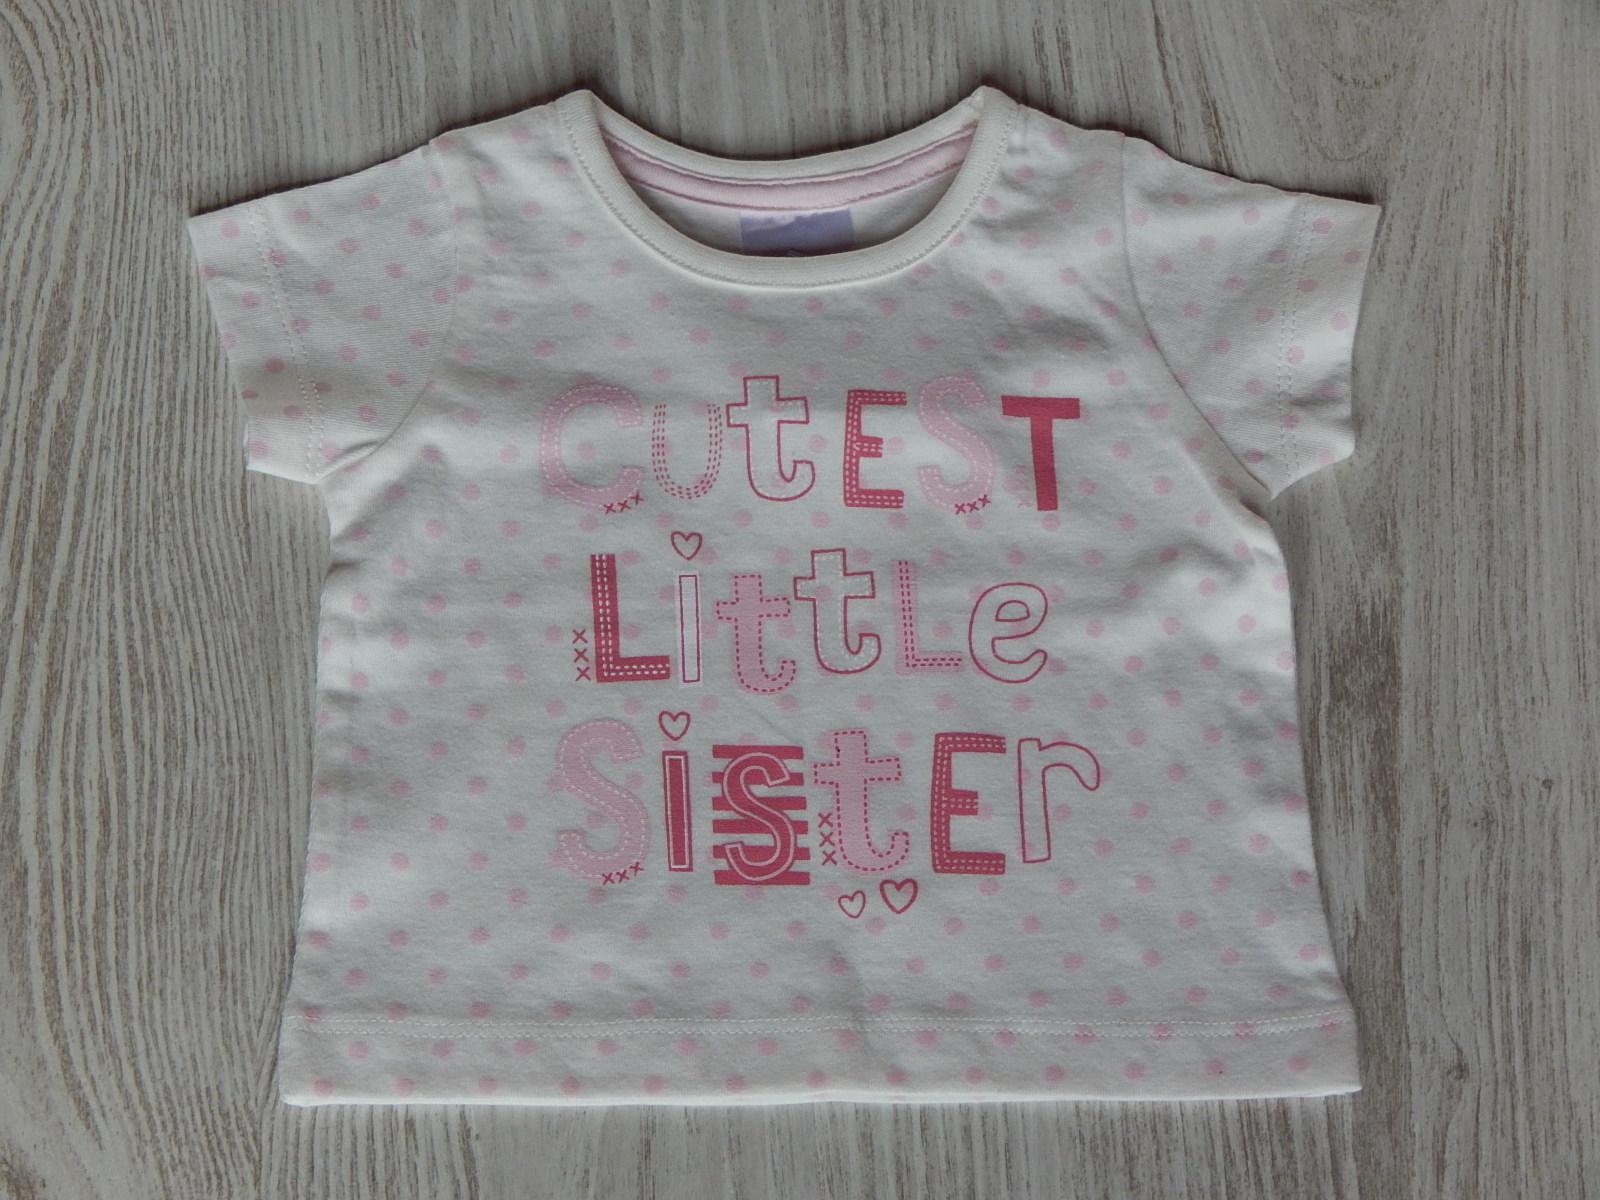 9688ea02e9 Pöttyös póló [62 (0-3 hó) / Lány ruhák] :: Lótusz Gyerekruha Webshop